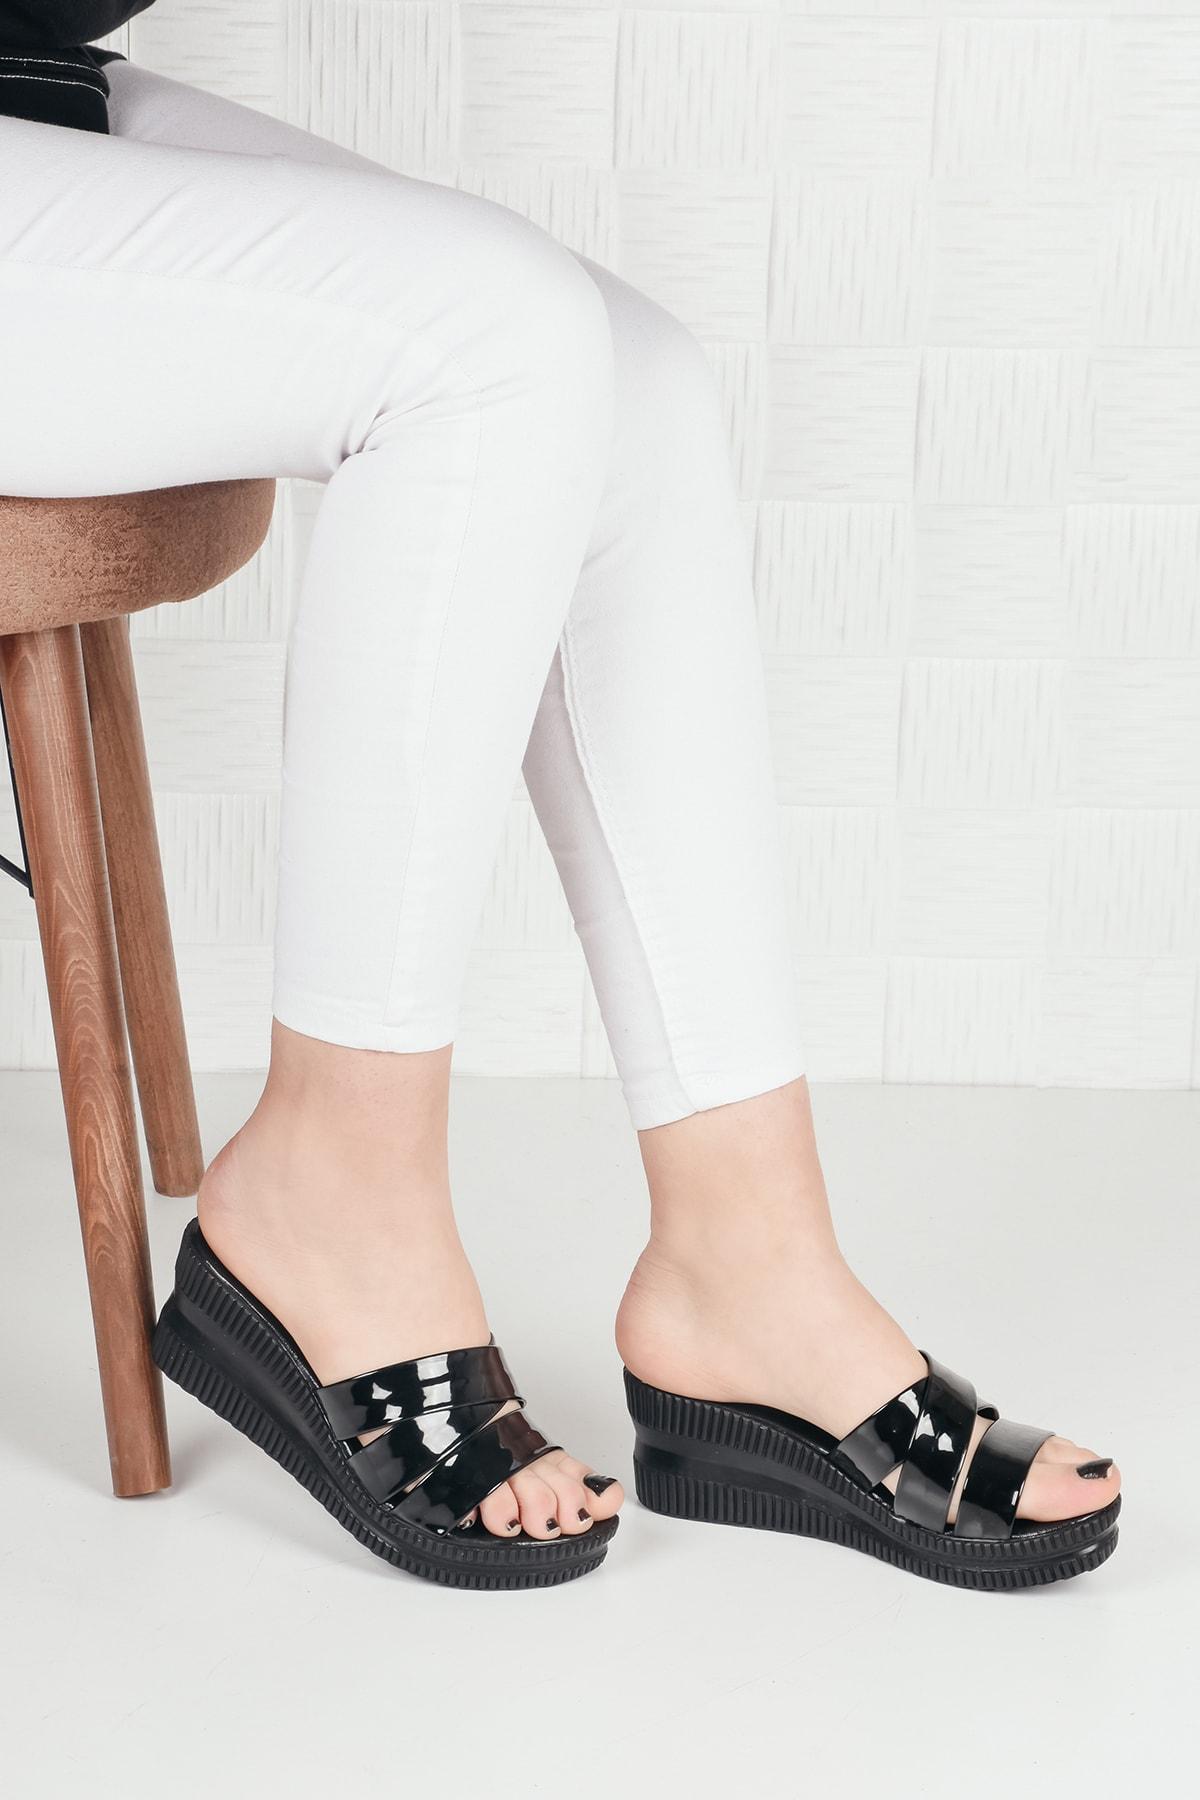 Kadın Siyah Rugan Üç Bant Dolgu Topuk Terlik